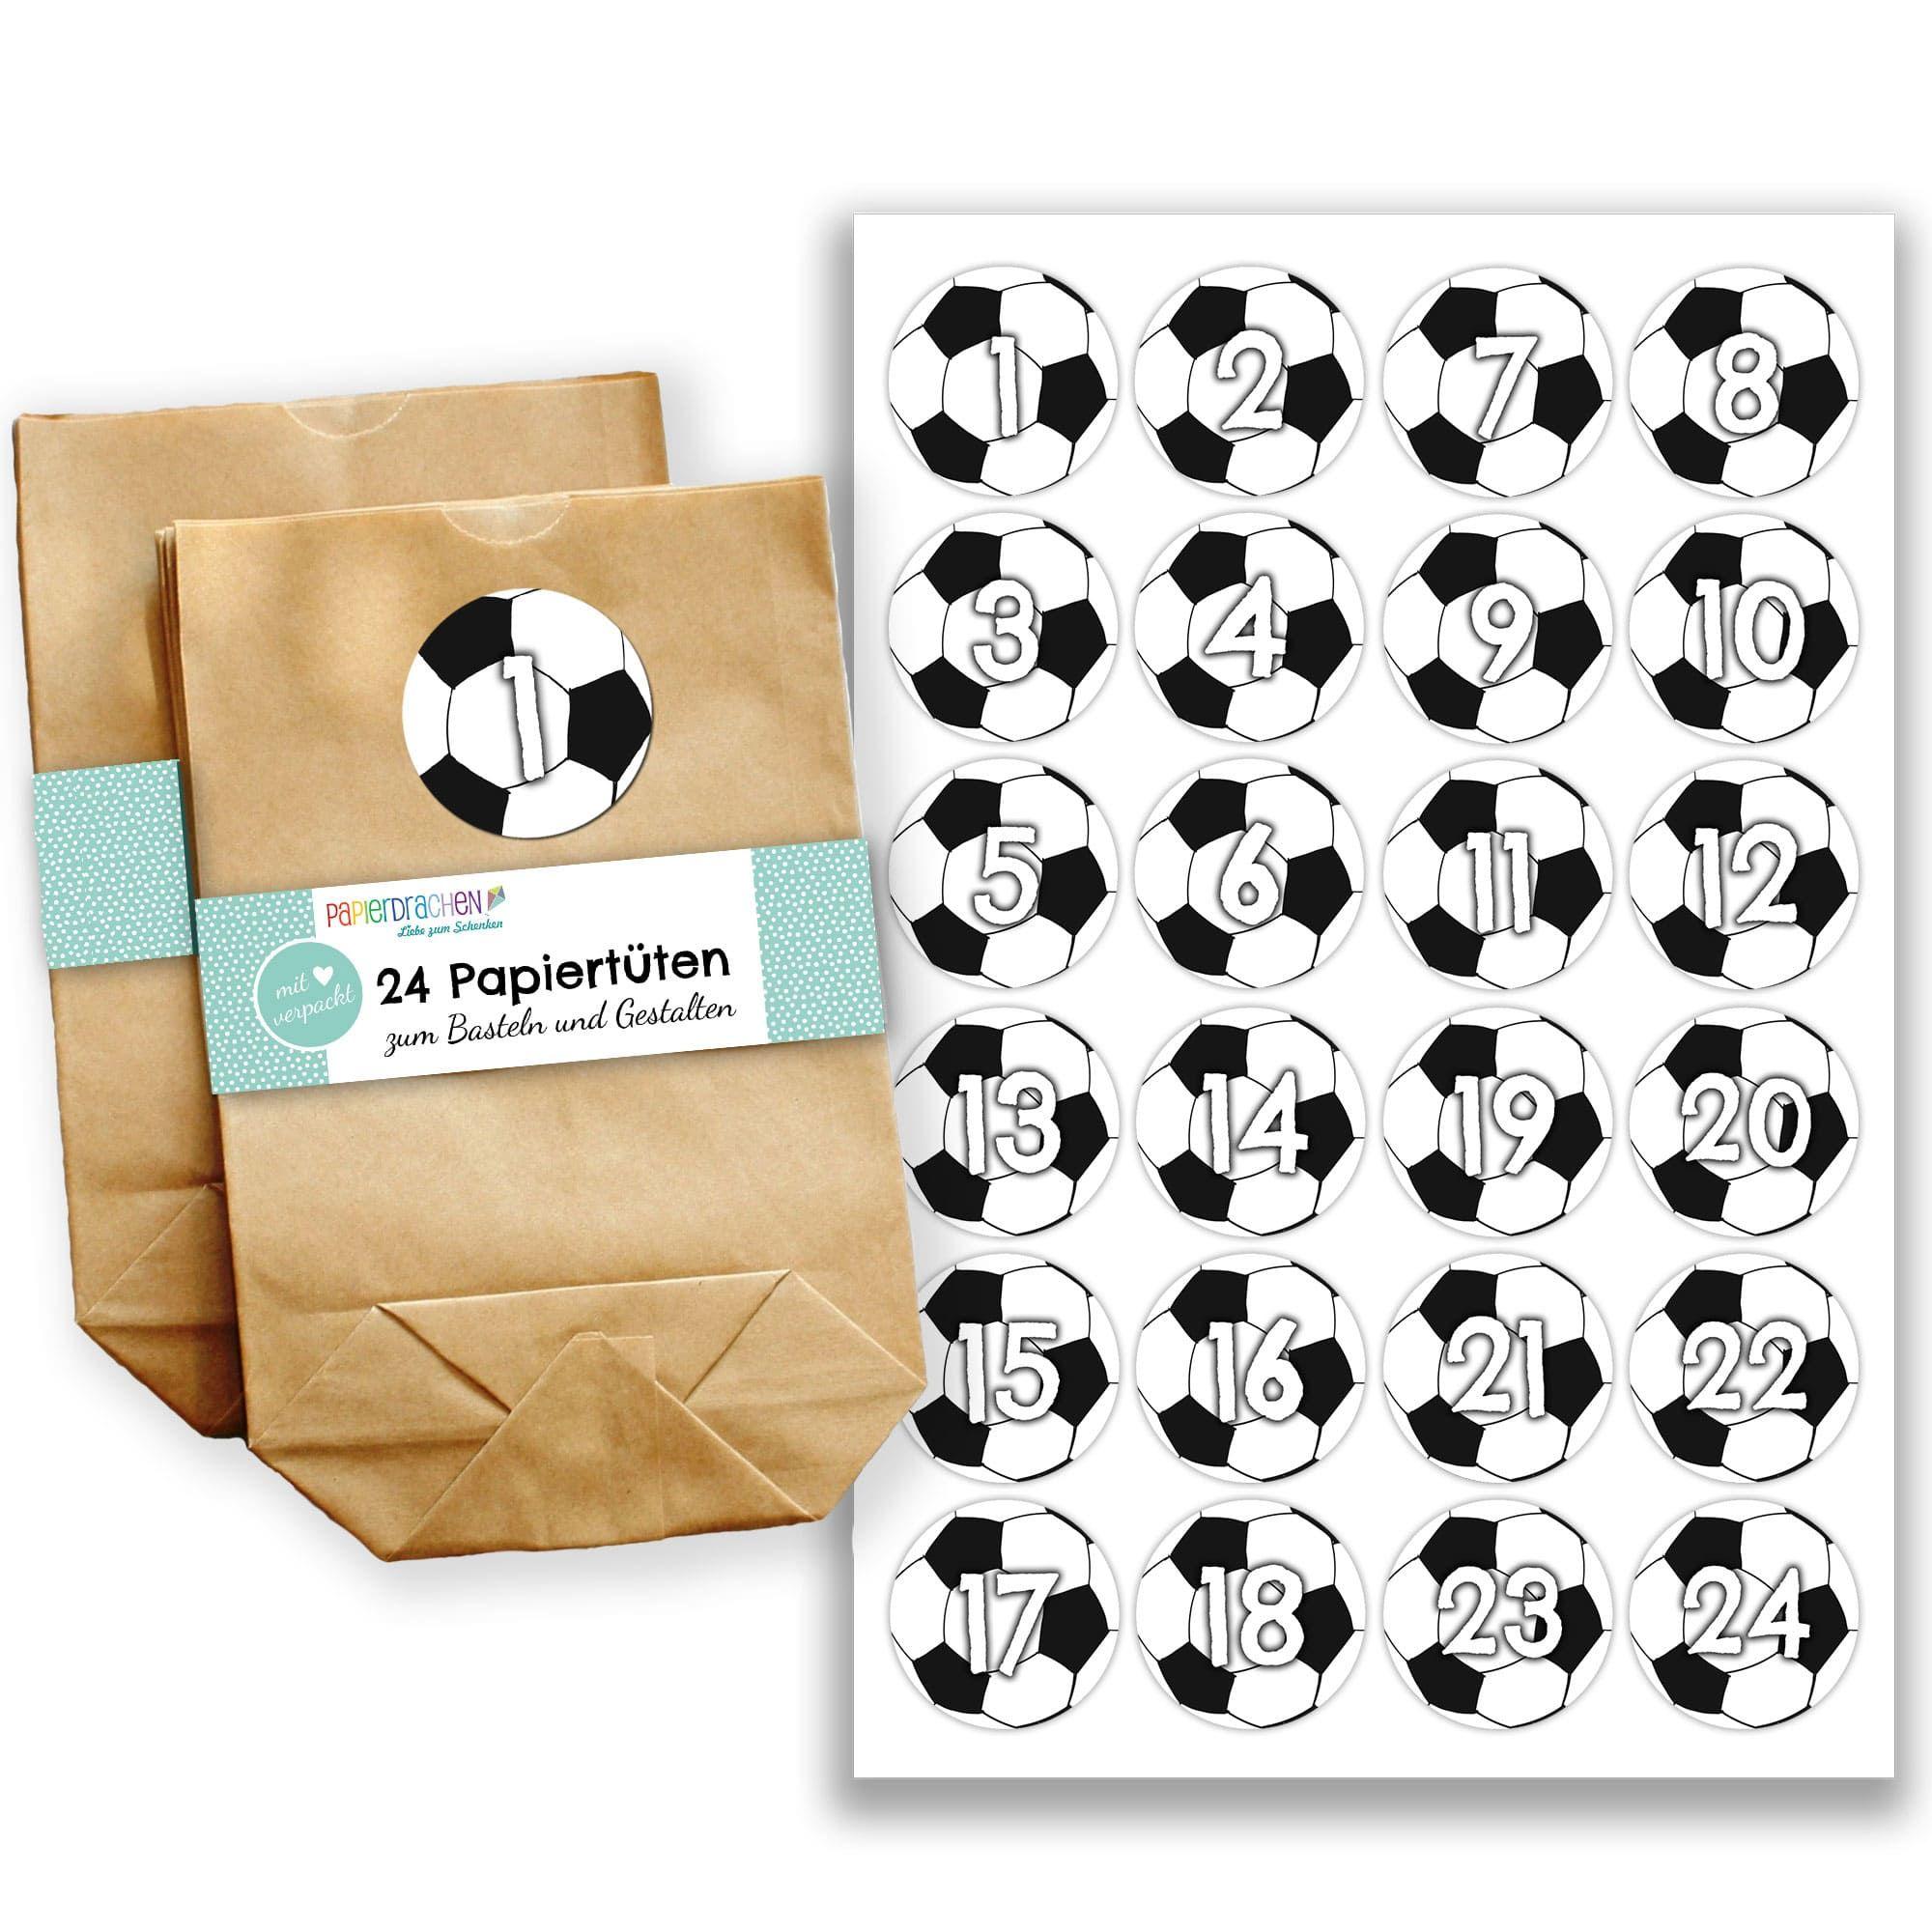 Papierdrachen Adventskalender Set 24 Braune Papiertuten